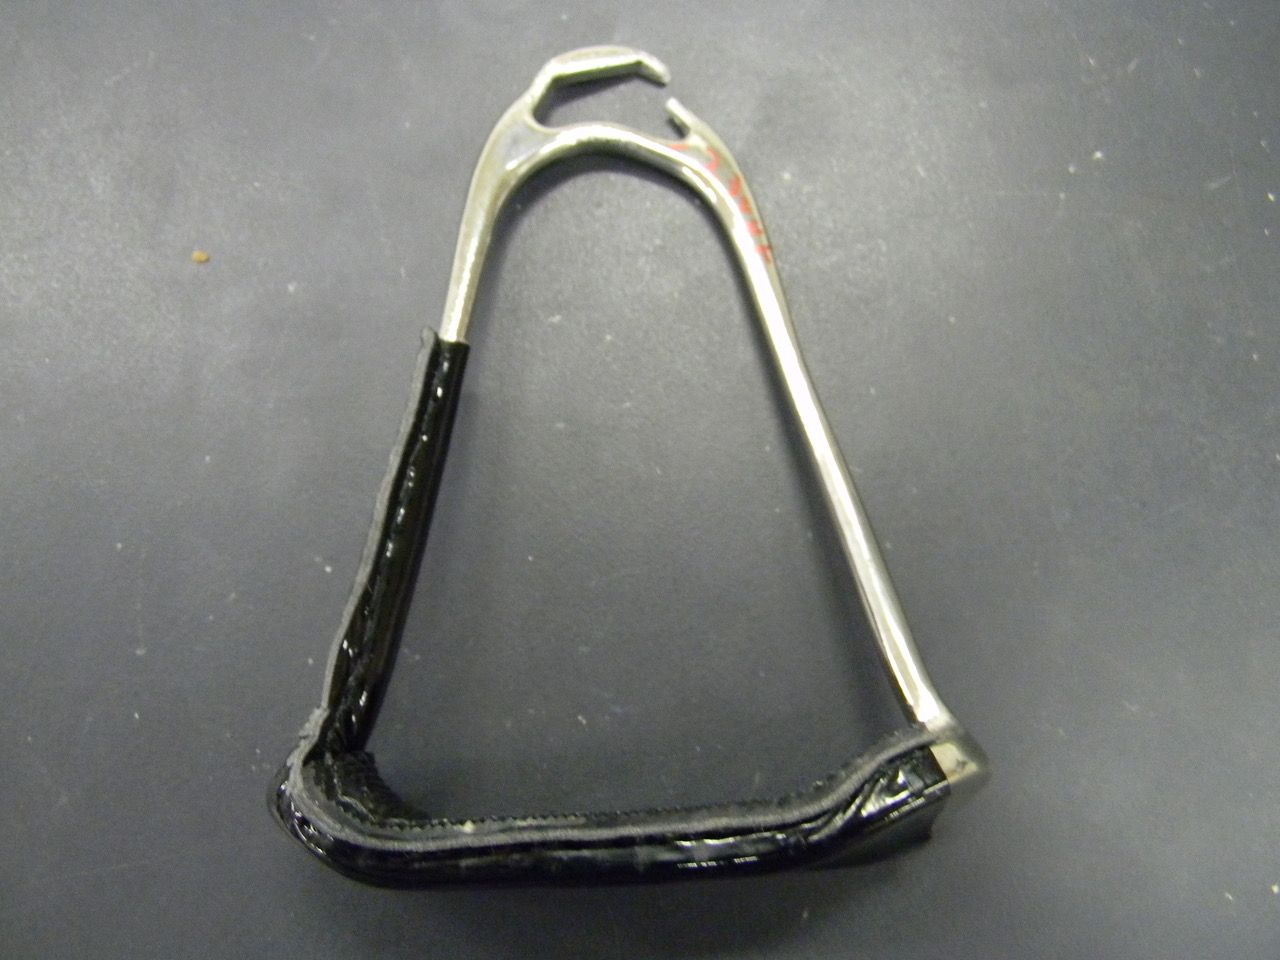 現在、武豊騎手が使っているスレンレスタイプは、15.6kNと一番数値が高かった。